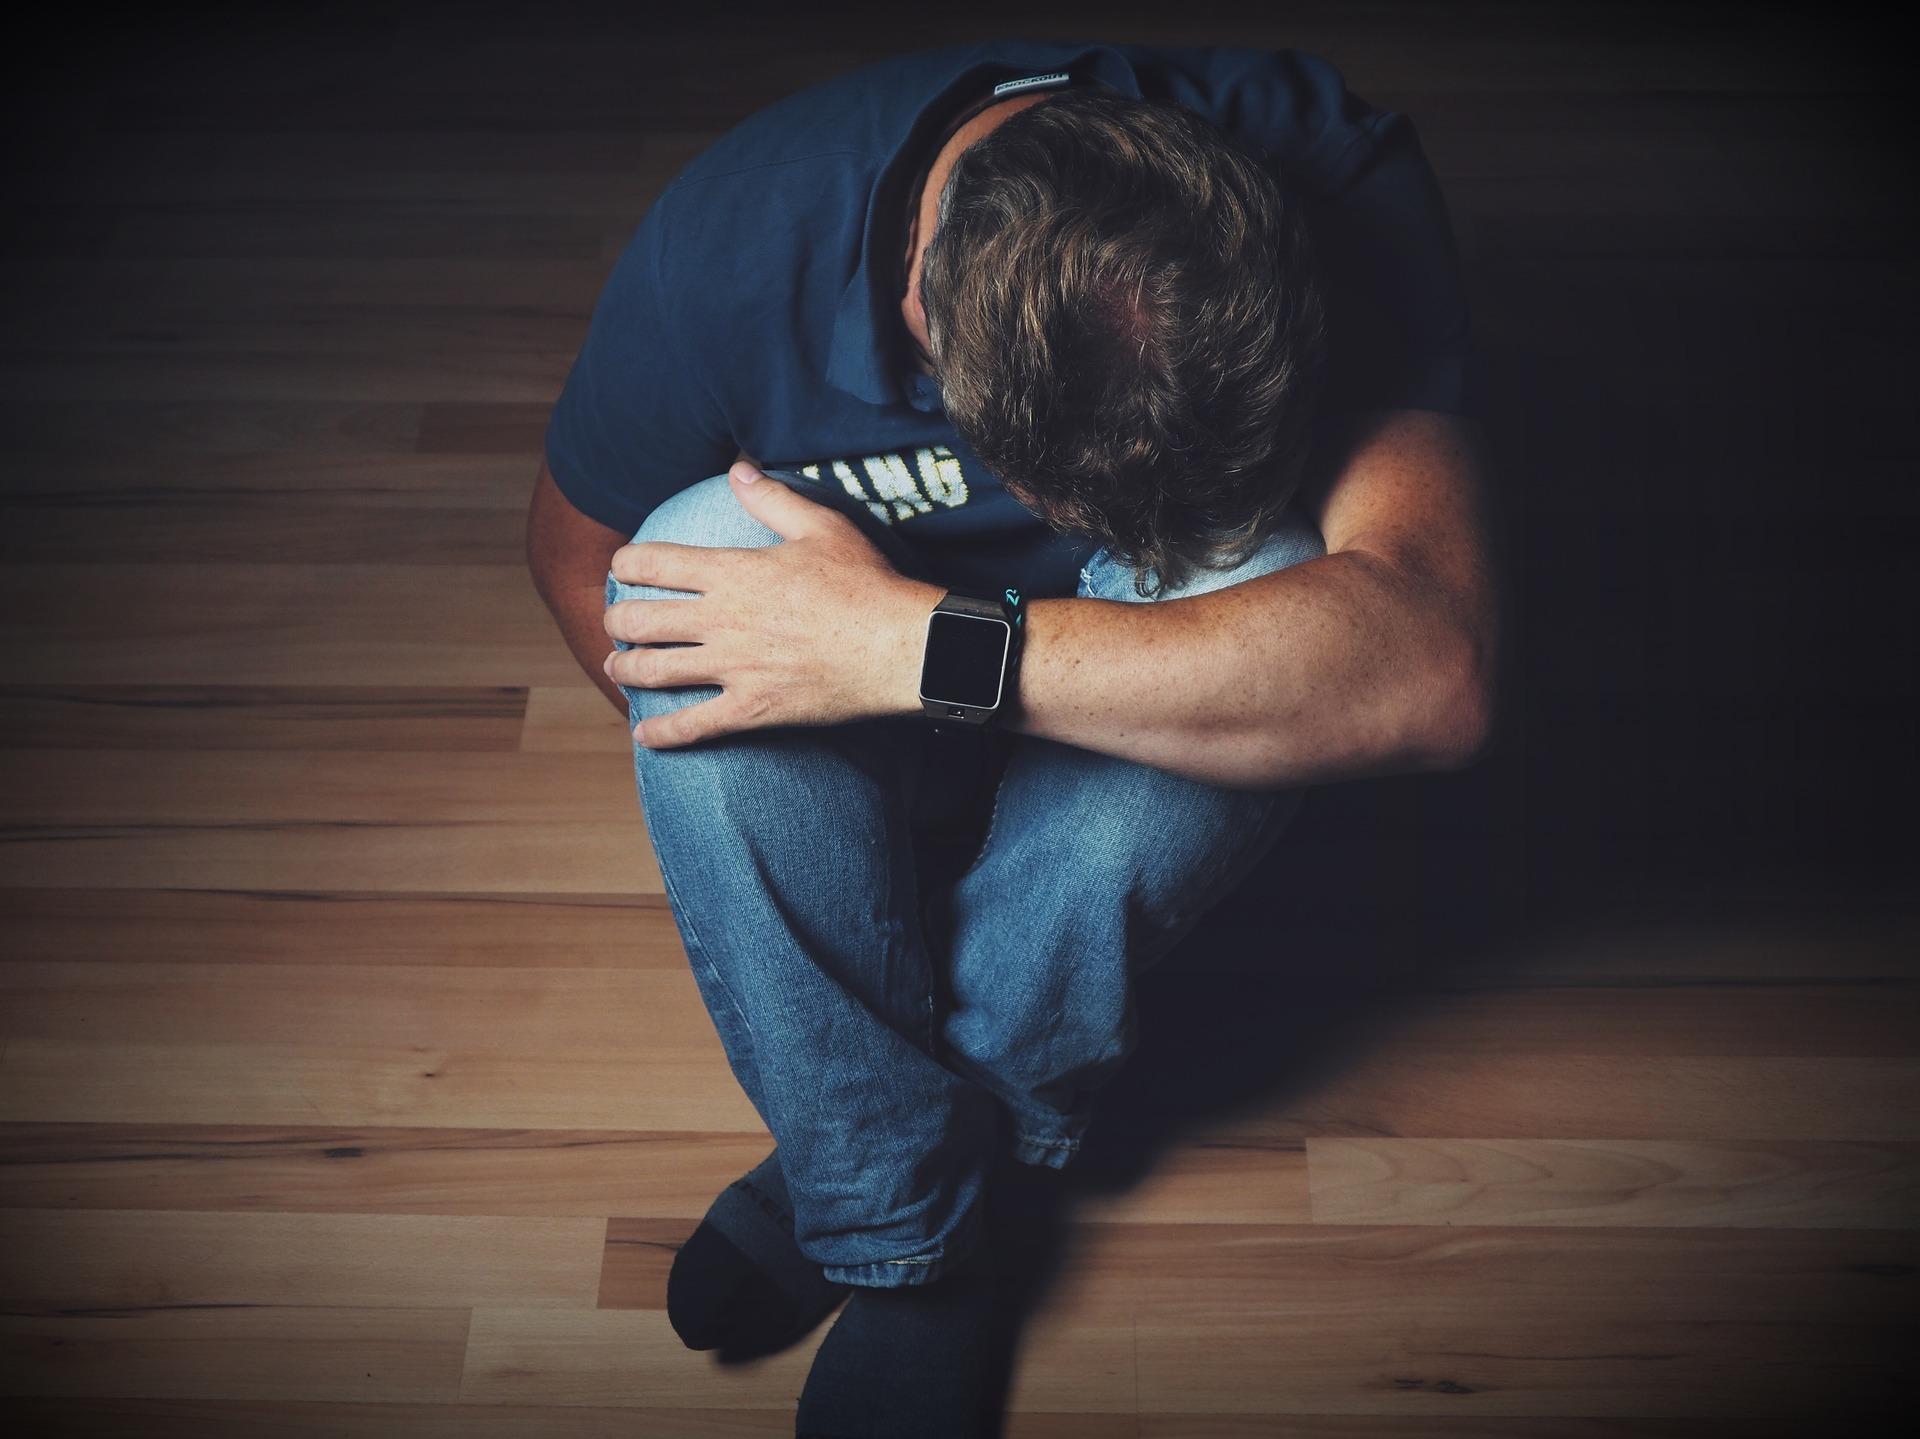 把壓力轉換為爆發力?反制你的重擔,就從了解「情緒」開始